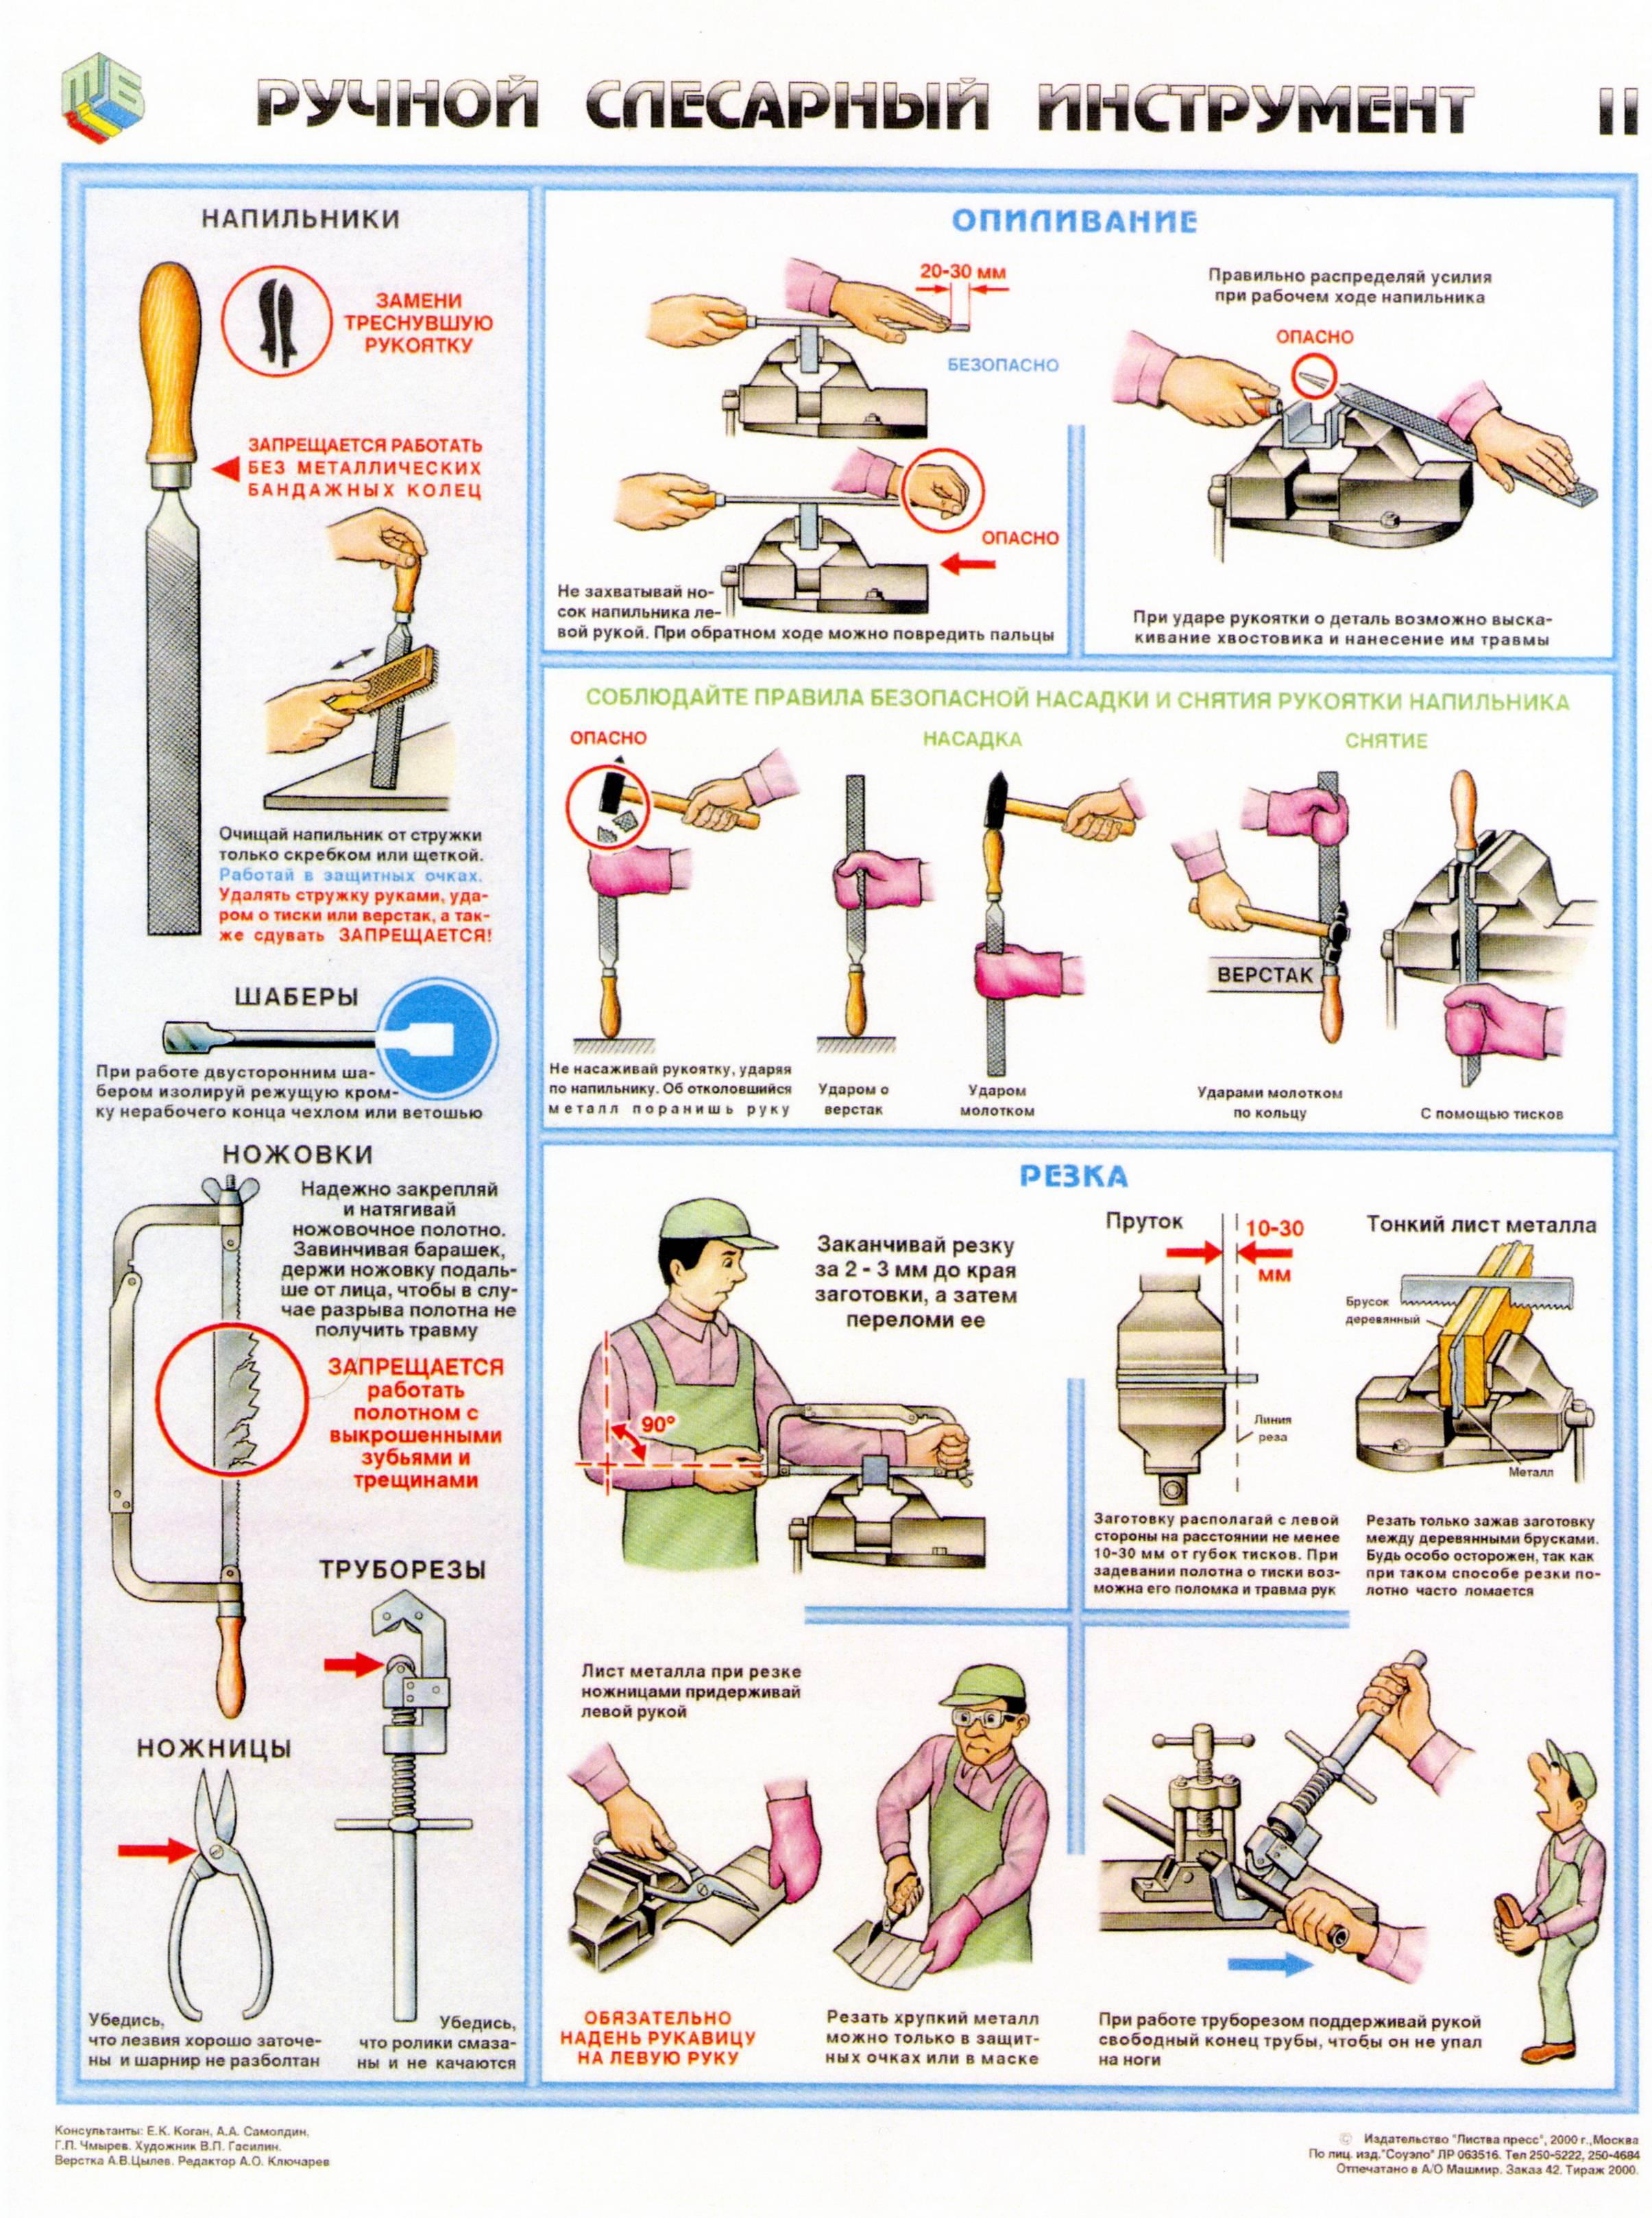 Замена розетки своими руками: правила установки, меры безопасности